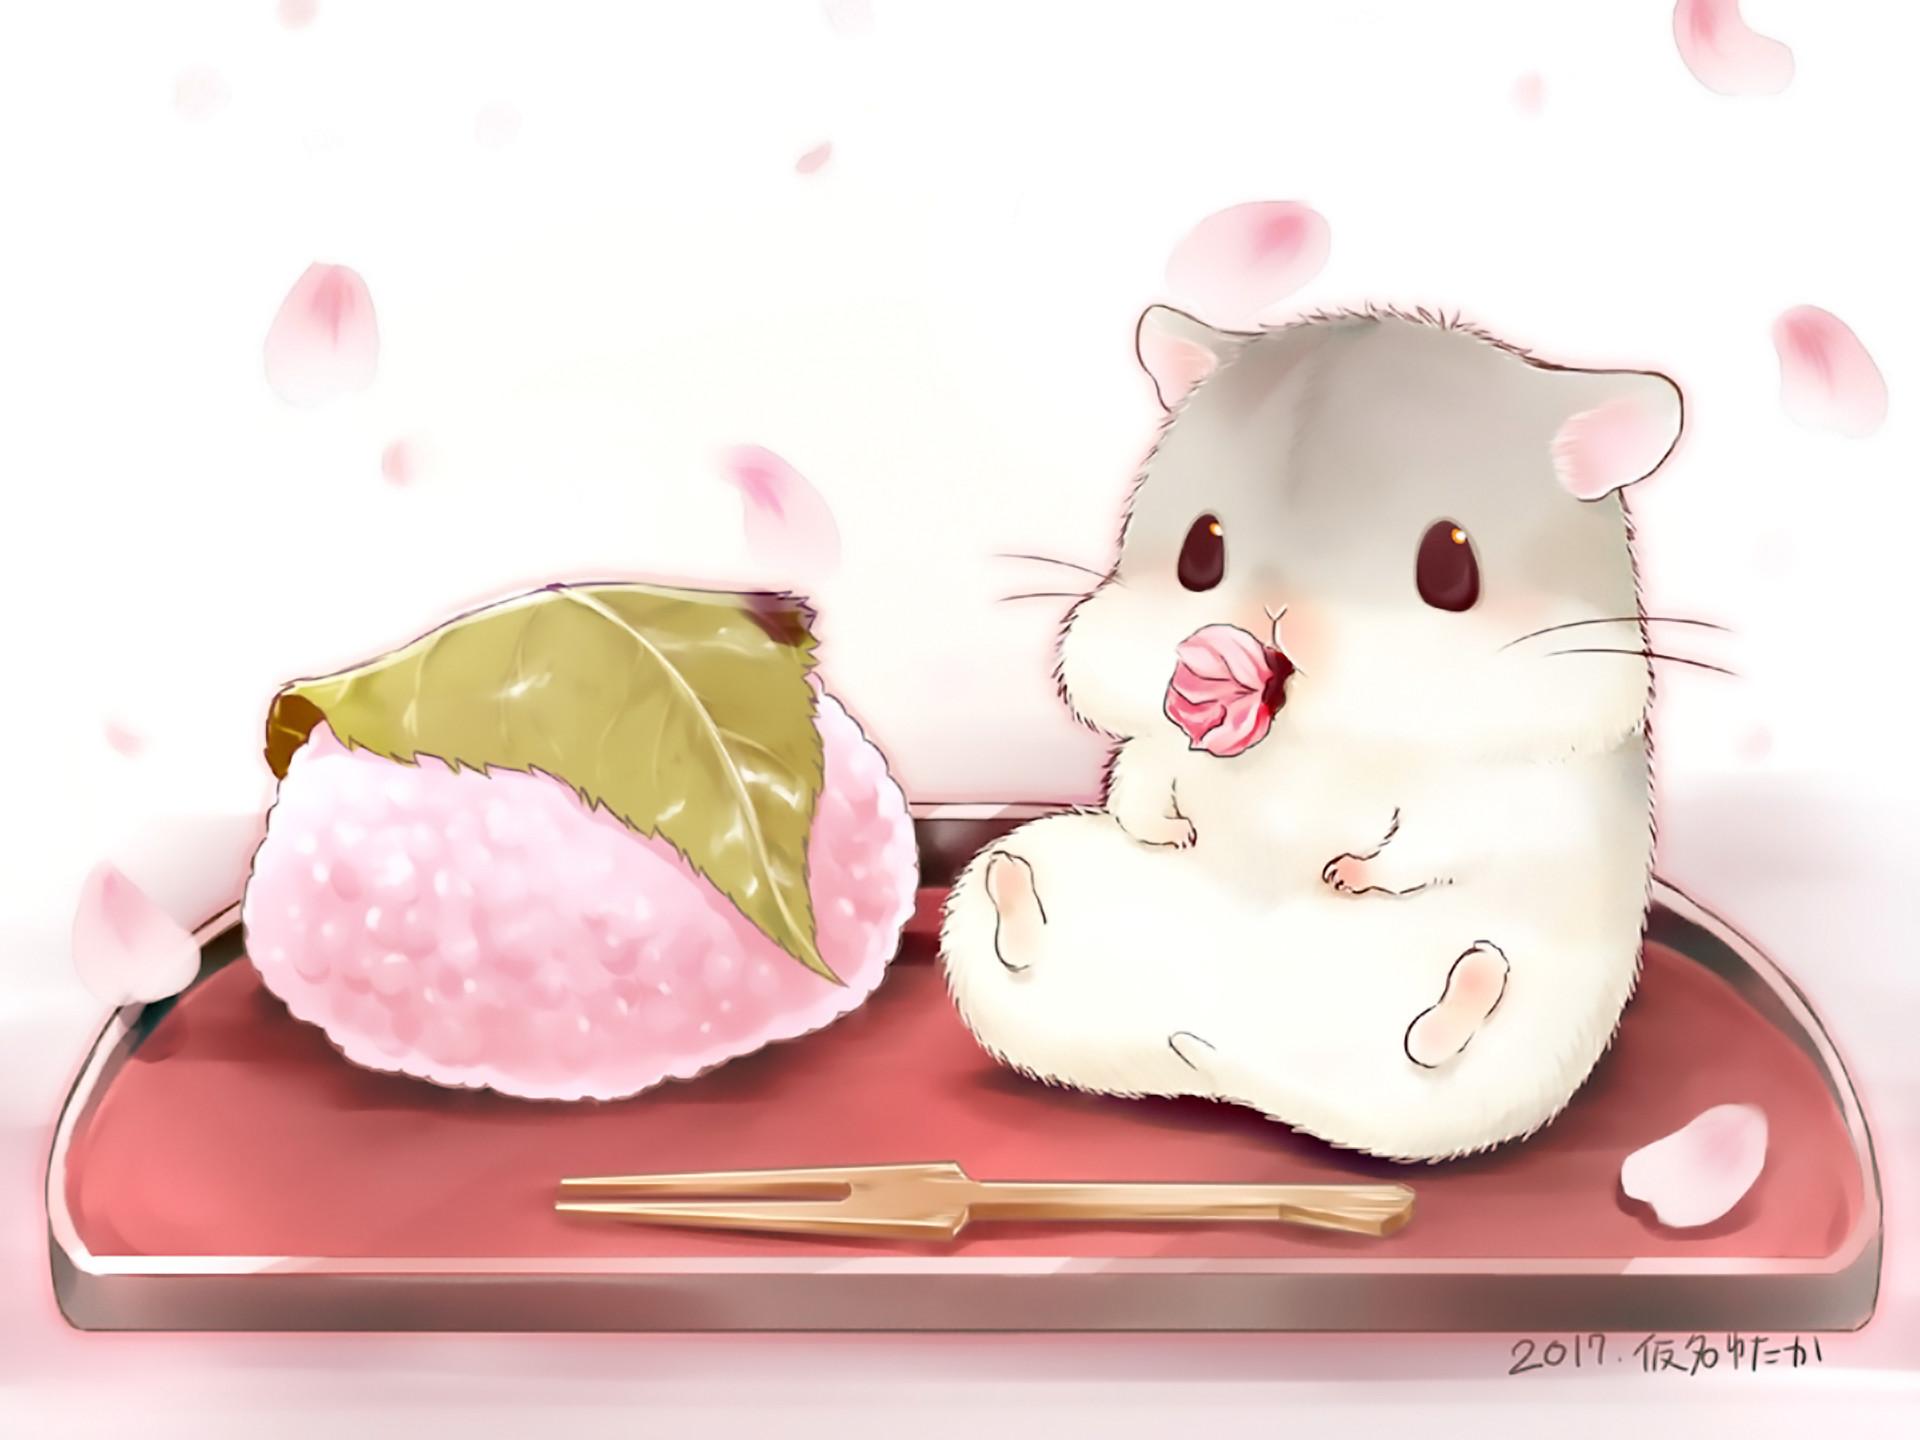 Res: 1920x1440, Anime - Original Hamster Cute Food Wallpaper